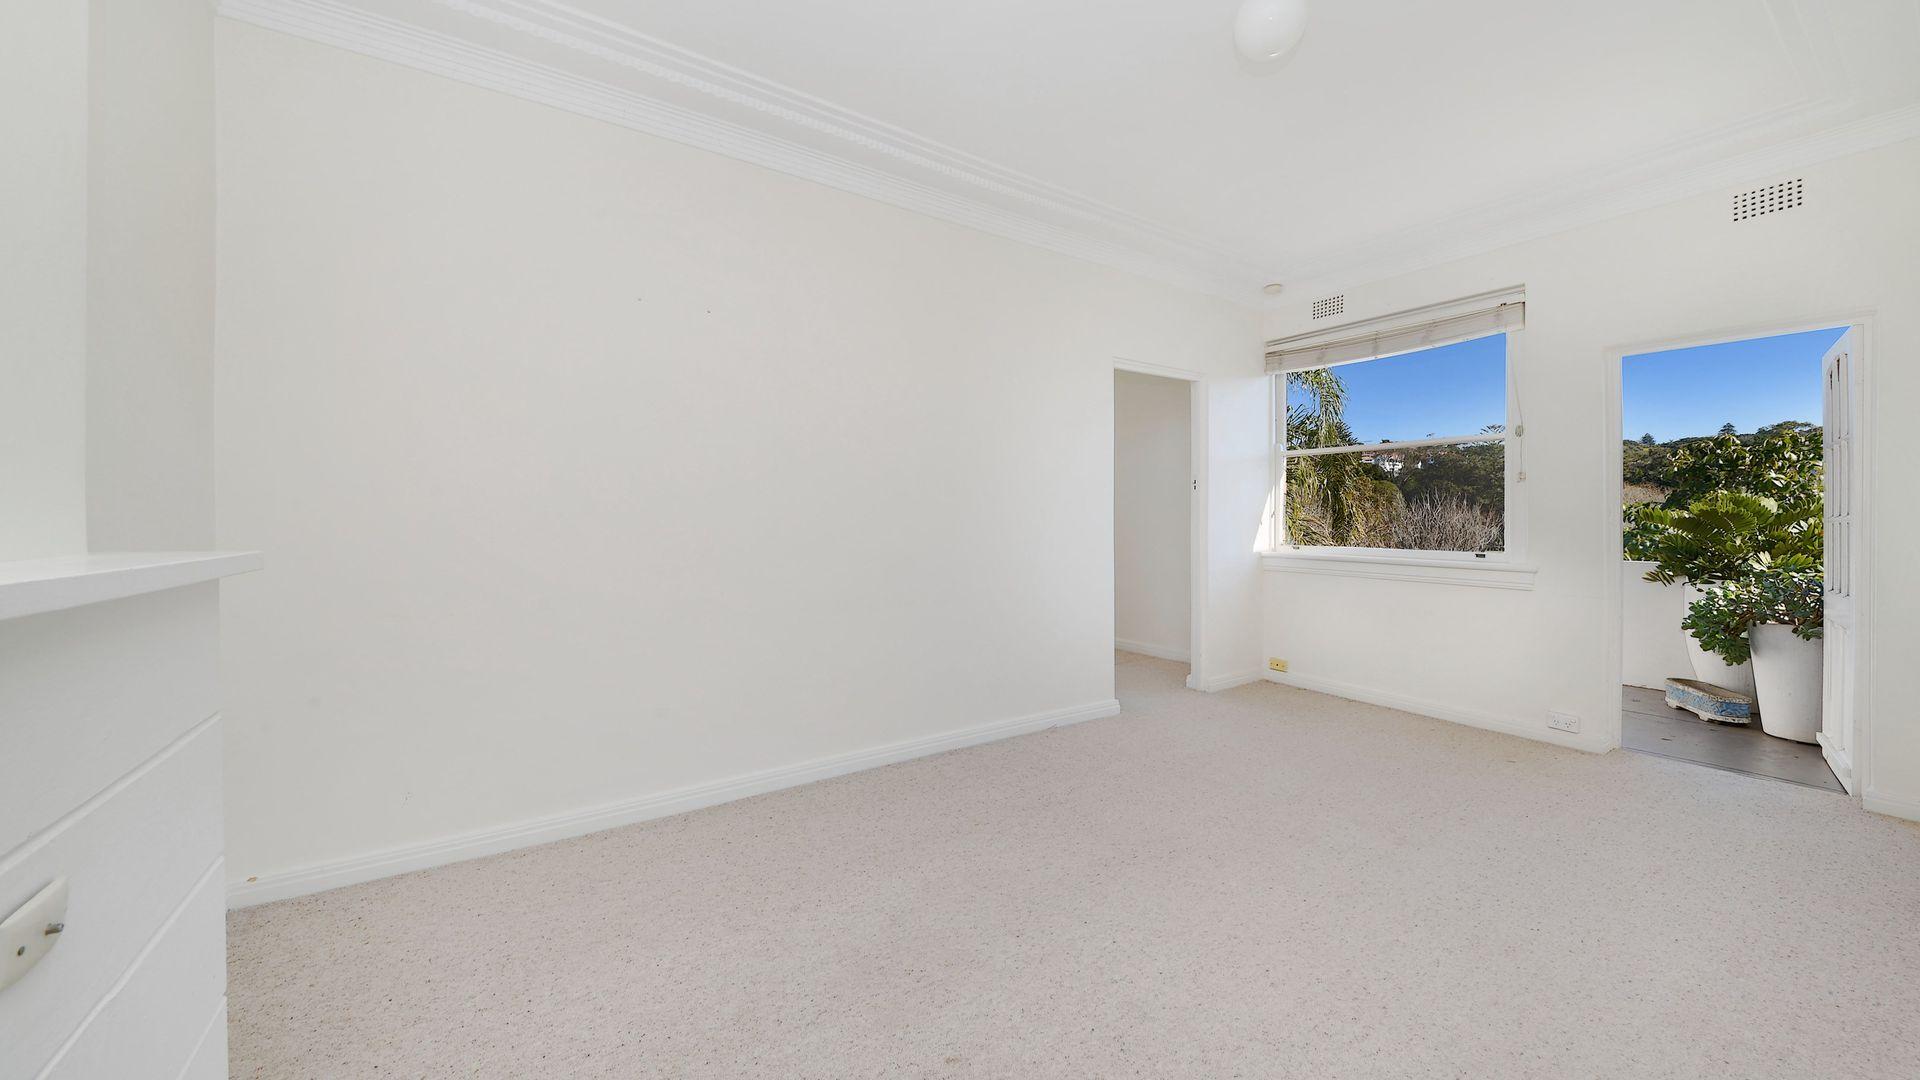 12/15 Manion Avenue, Rose Bay NSW 2029, Image 1